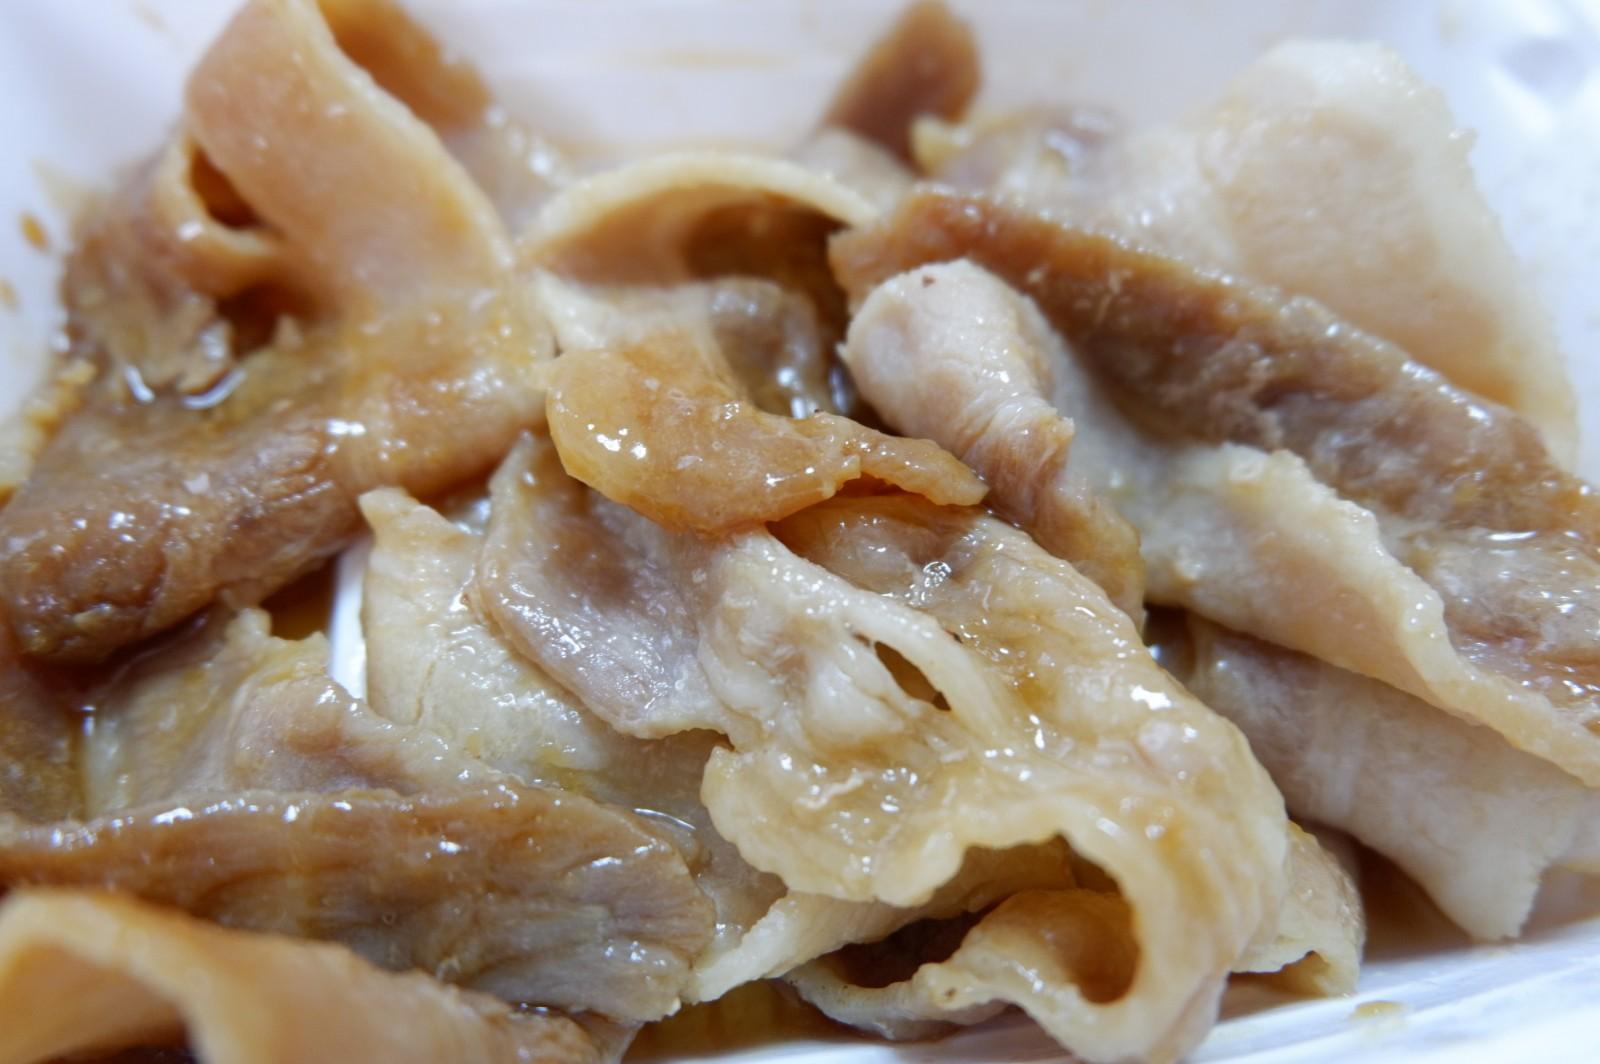 お肉5枚!食べ応えあり♪ファミマの肉料理冷凍食品 「豚の生姜焼き」291円(税込)